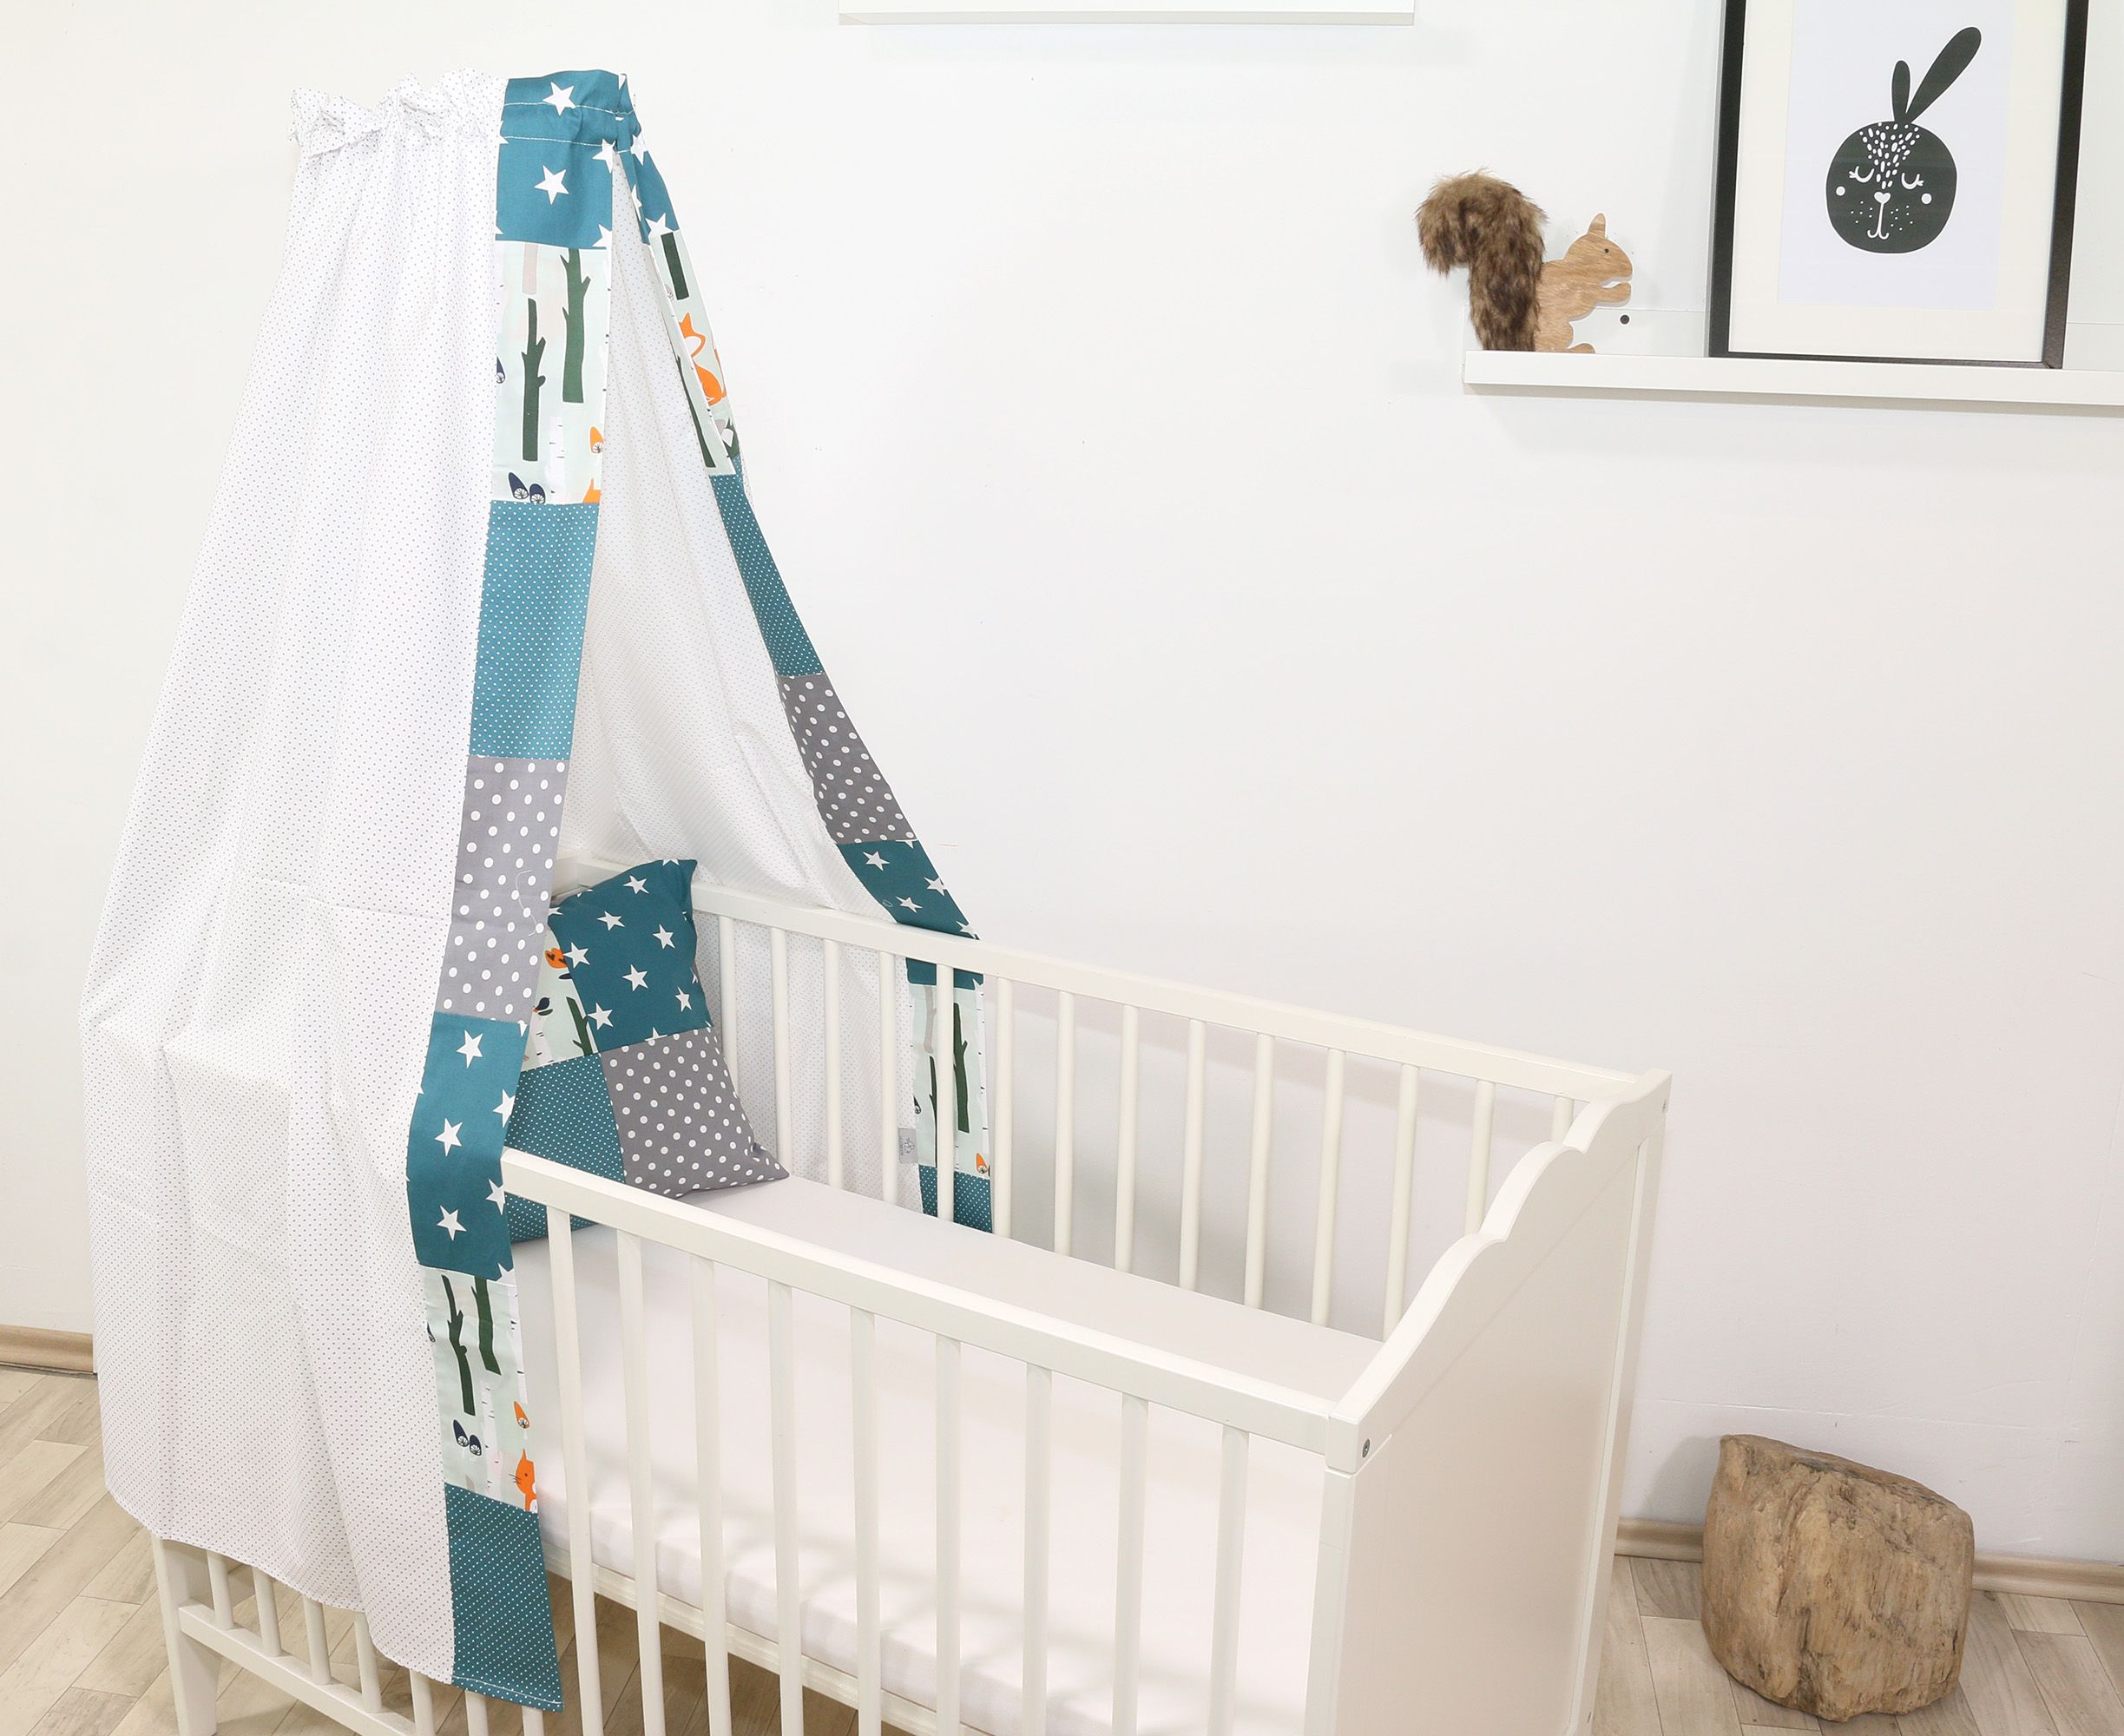 Babyzimmer Dekoration Und Einrichtung Mit Niedlichen Waldtieren Von